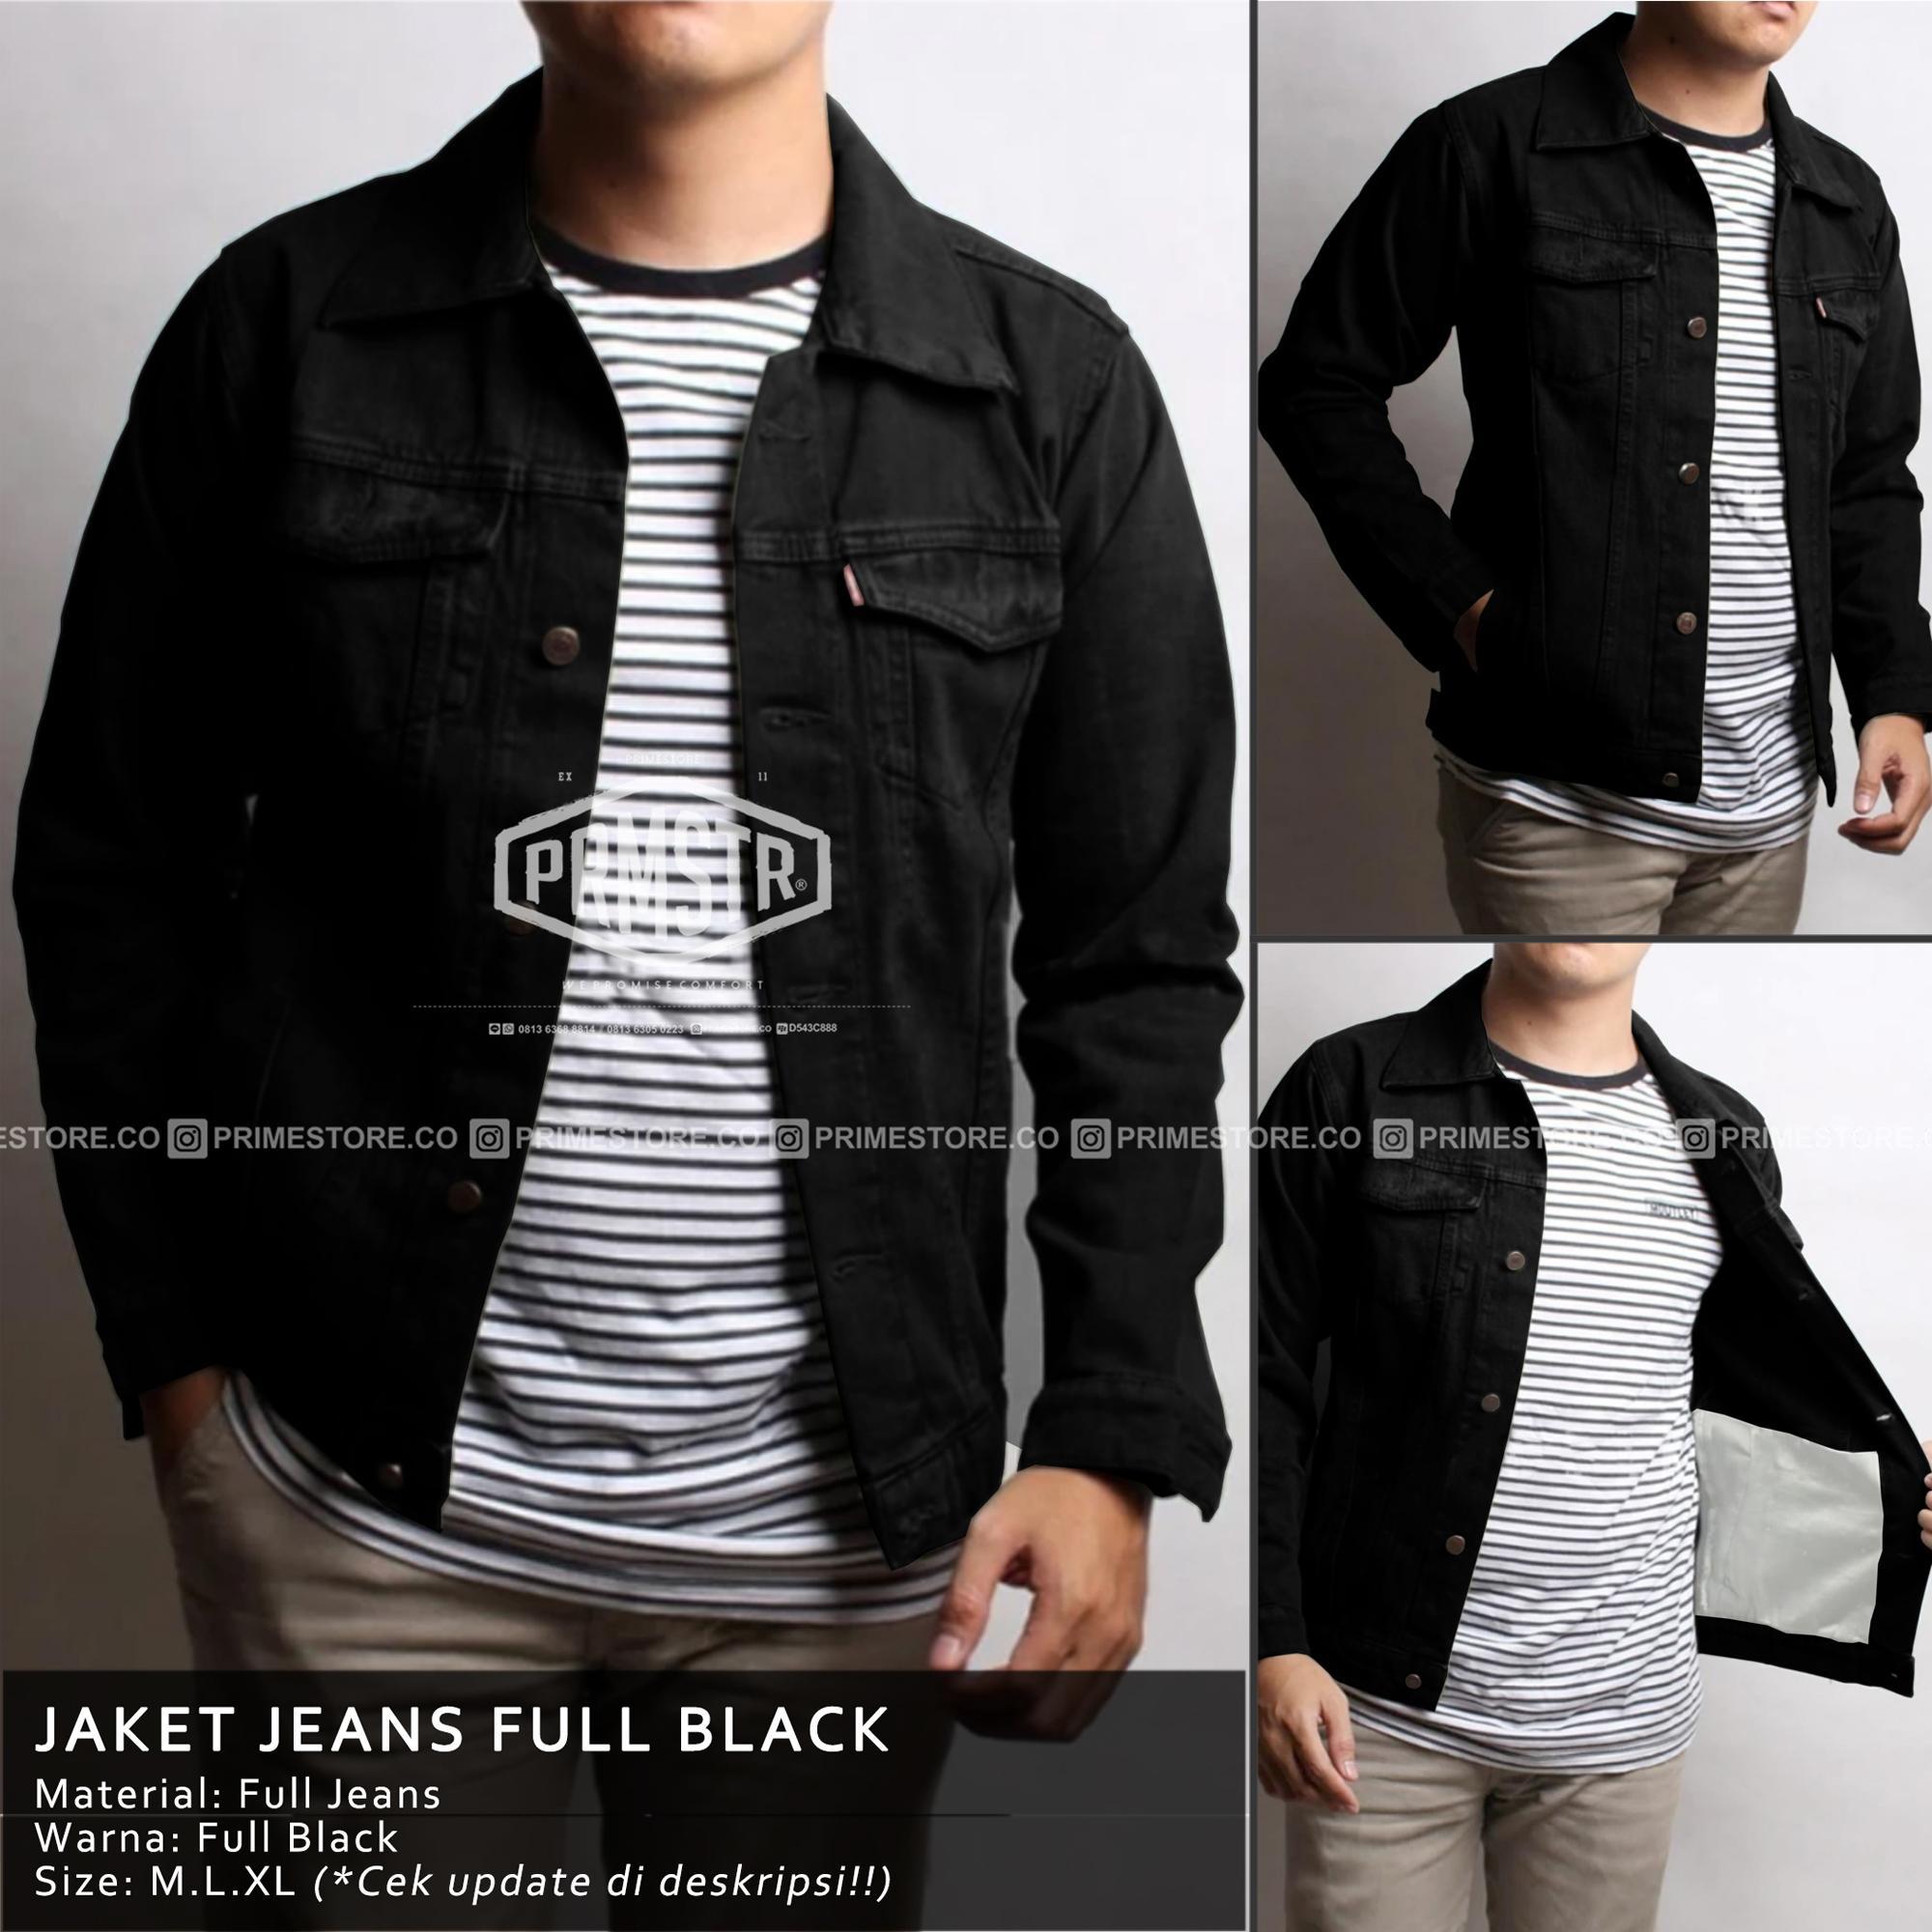 Jaket Jeans Pria Black